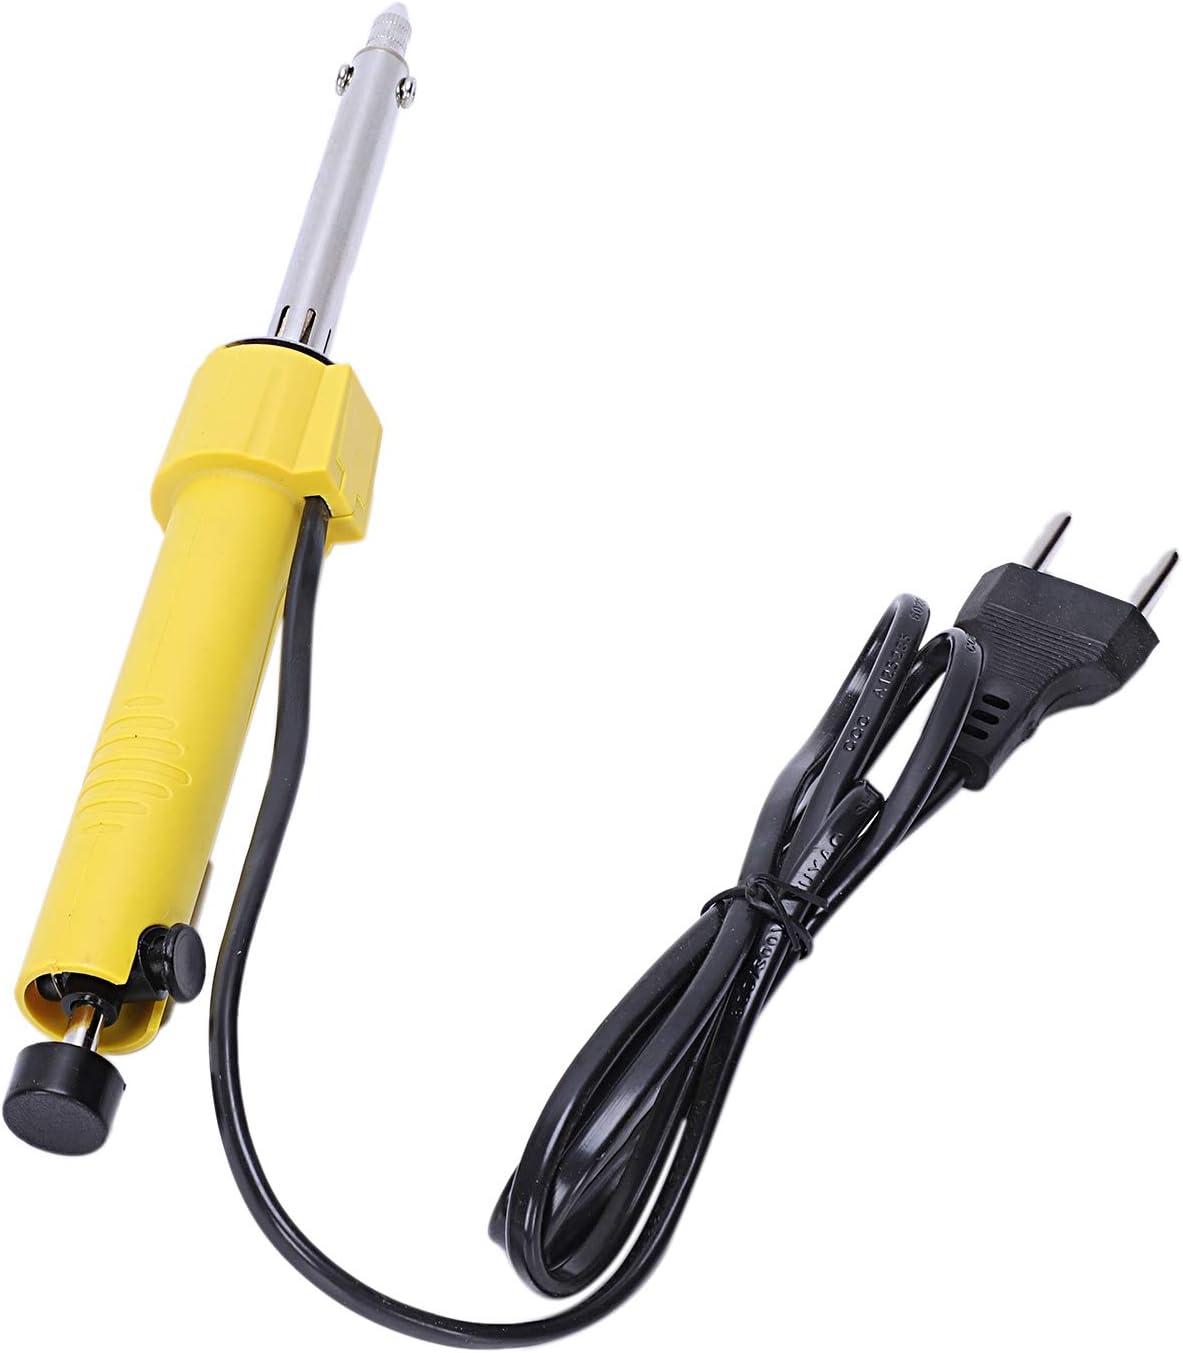 CUHAWUDBA Prise Europ/éenne 220 V 60 W Fer /à Souder /électrique Temp/érature R/églable Soudure Soudure Rework Repair Tool 5 Pcs Pointe De Soudure